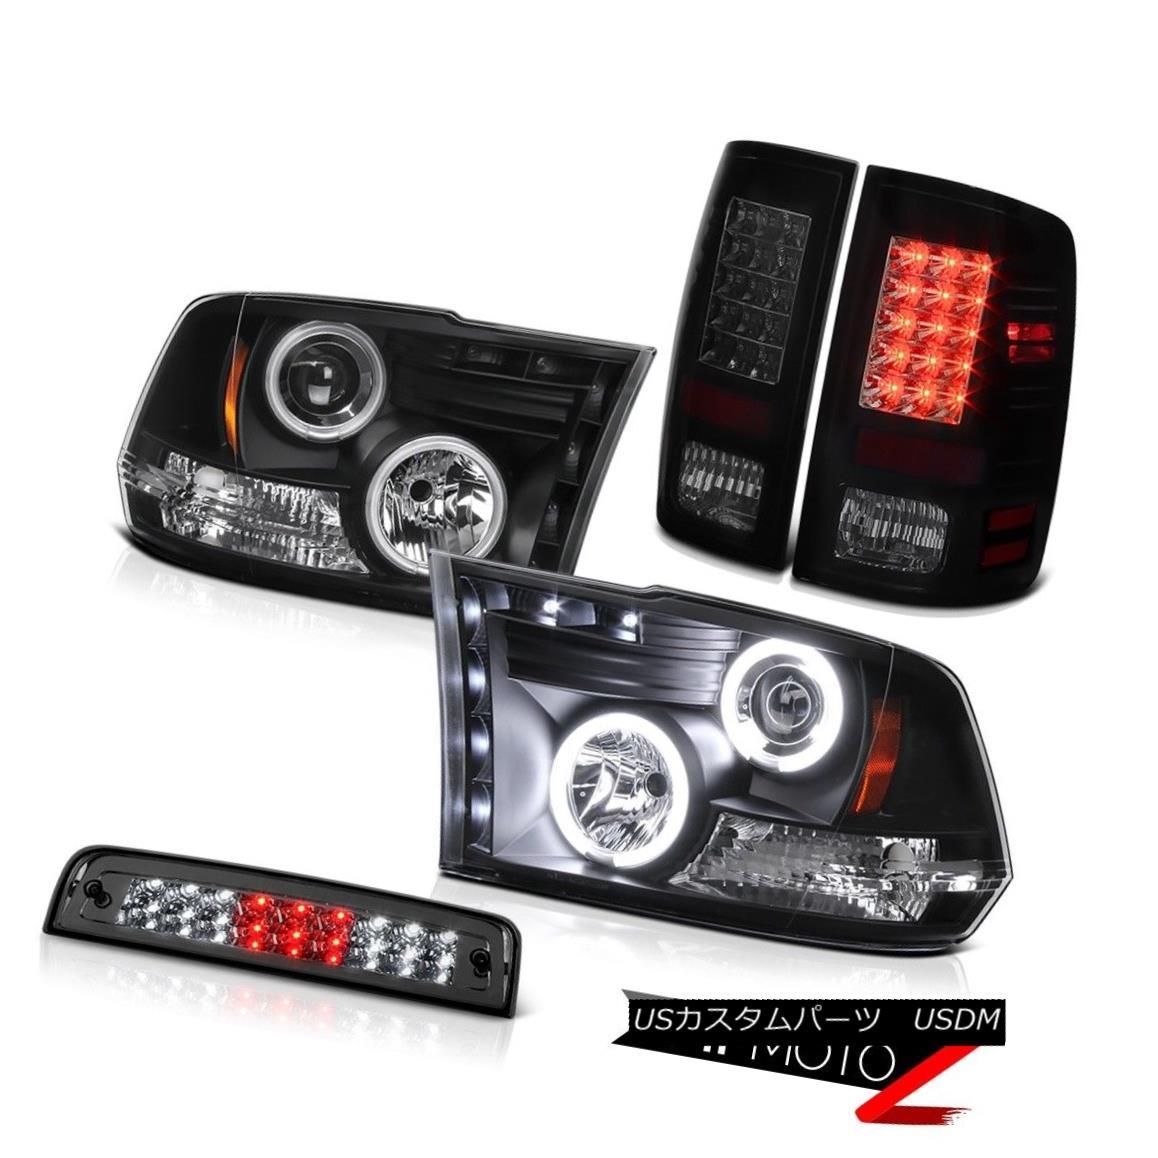 ヘッドライト 09-18 Dodge Ram 2500 3500 SLT 3RD Brake Light Tail Lamps Black Headlights SMD 09-18 Dodge Ram 2500 3500 SLT 3RDブレーキライトテールランプブラックヘッドライトSMD